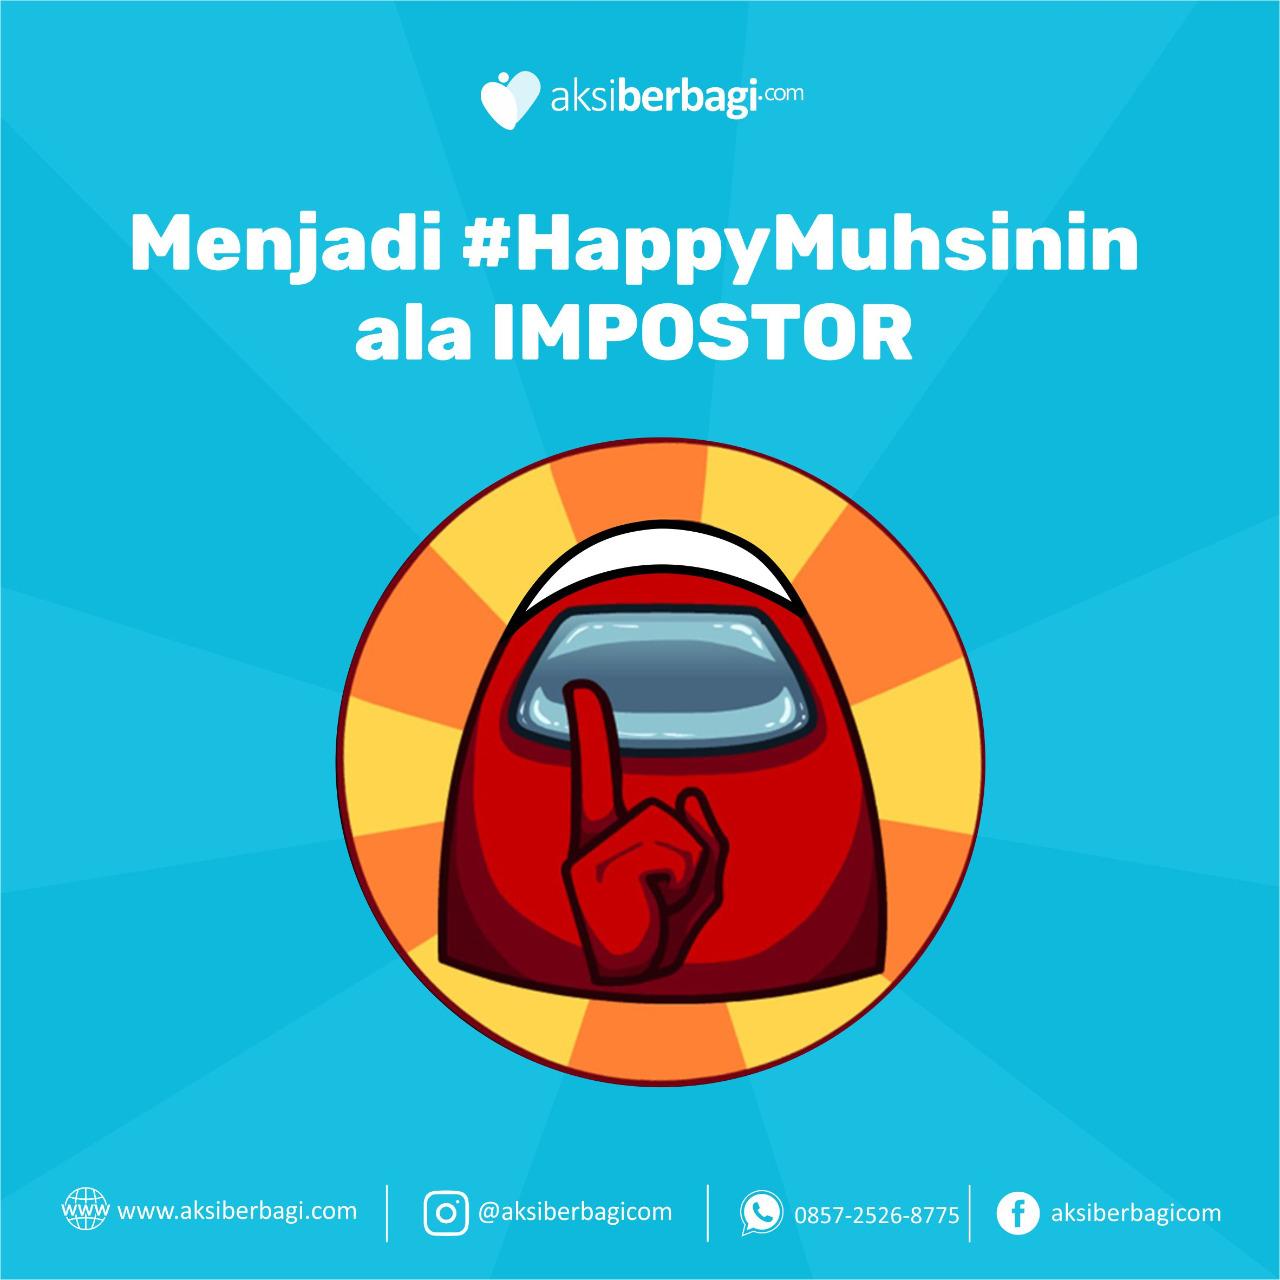 Menjadi Happy Muhsinin ala Impostor